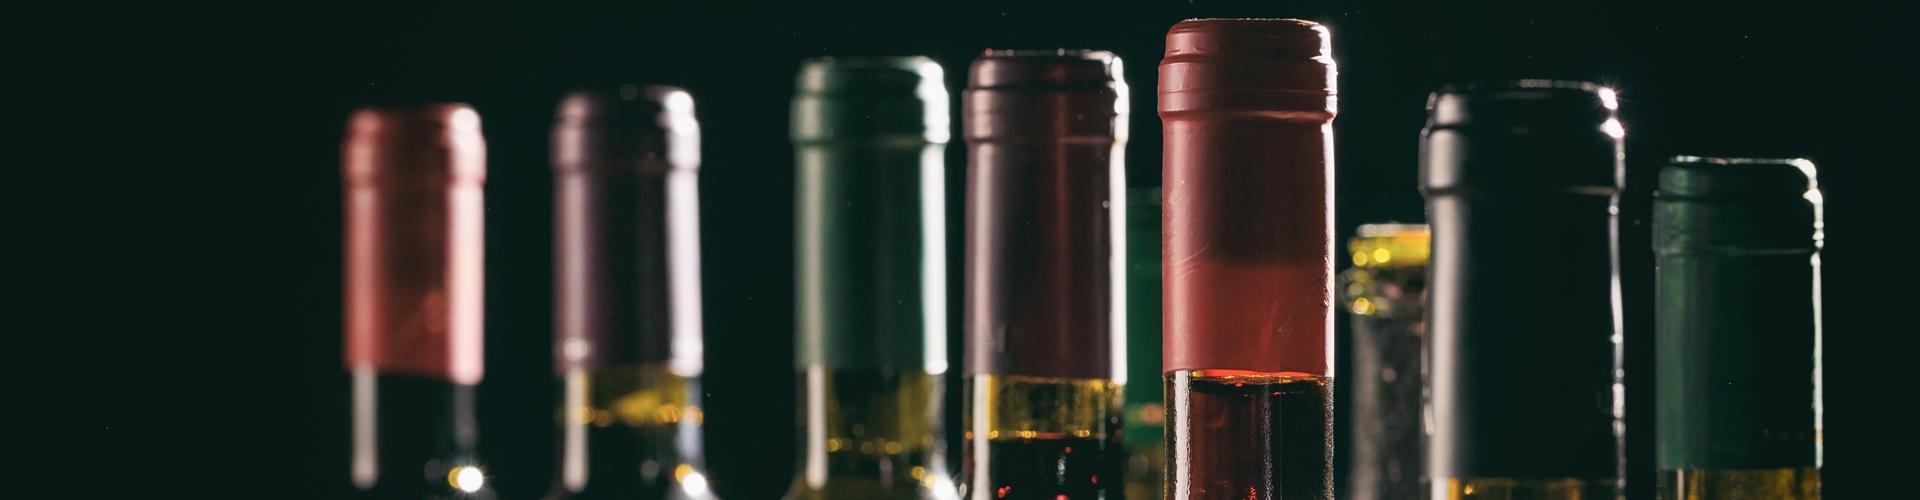 와인파인 대표이미지